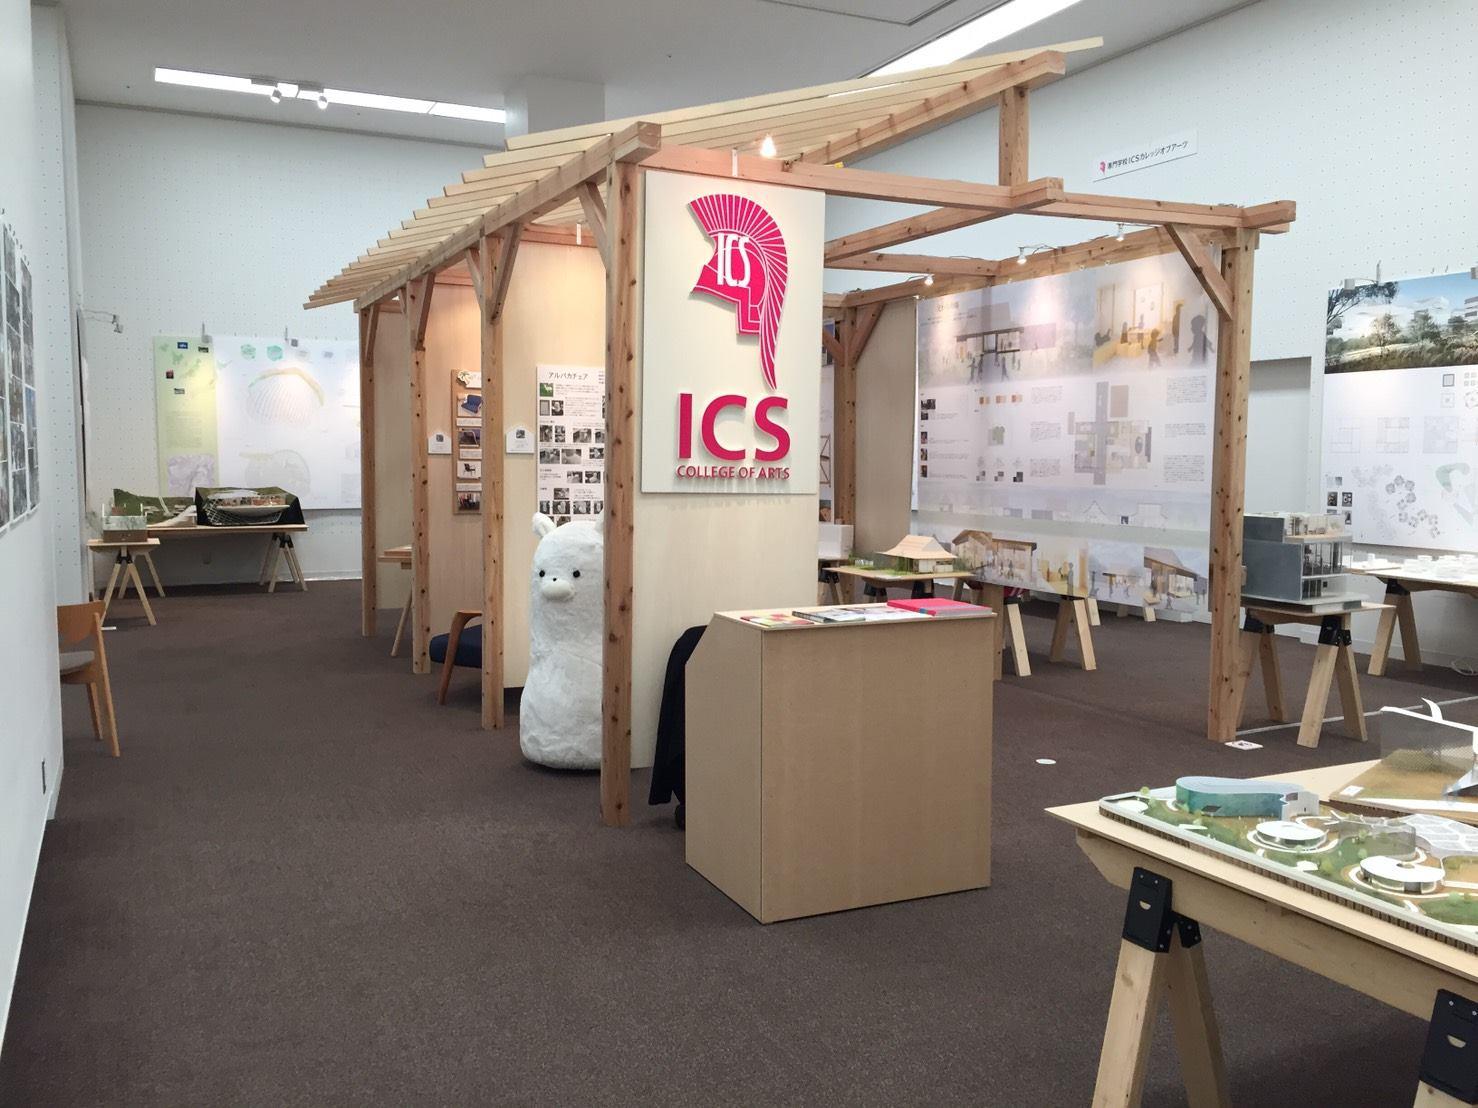 専門学校ICSカレッジオブアーツが、東京都美術館で開催される『SEBIT 2018/東京都専門学校アート&デザイン展』2月21日(水)~27日(火)に出展します!